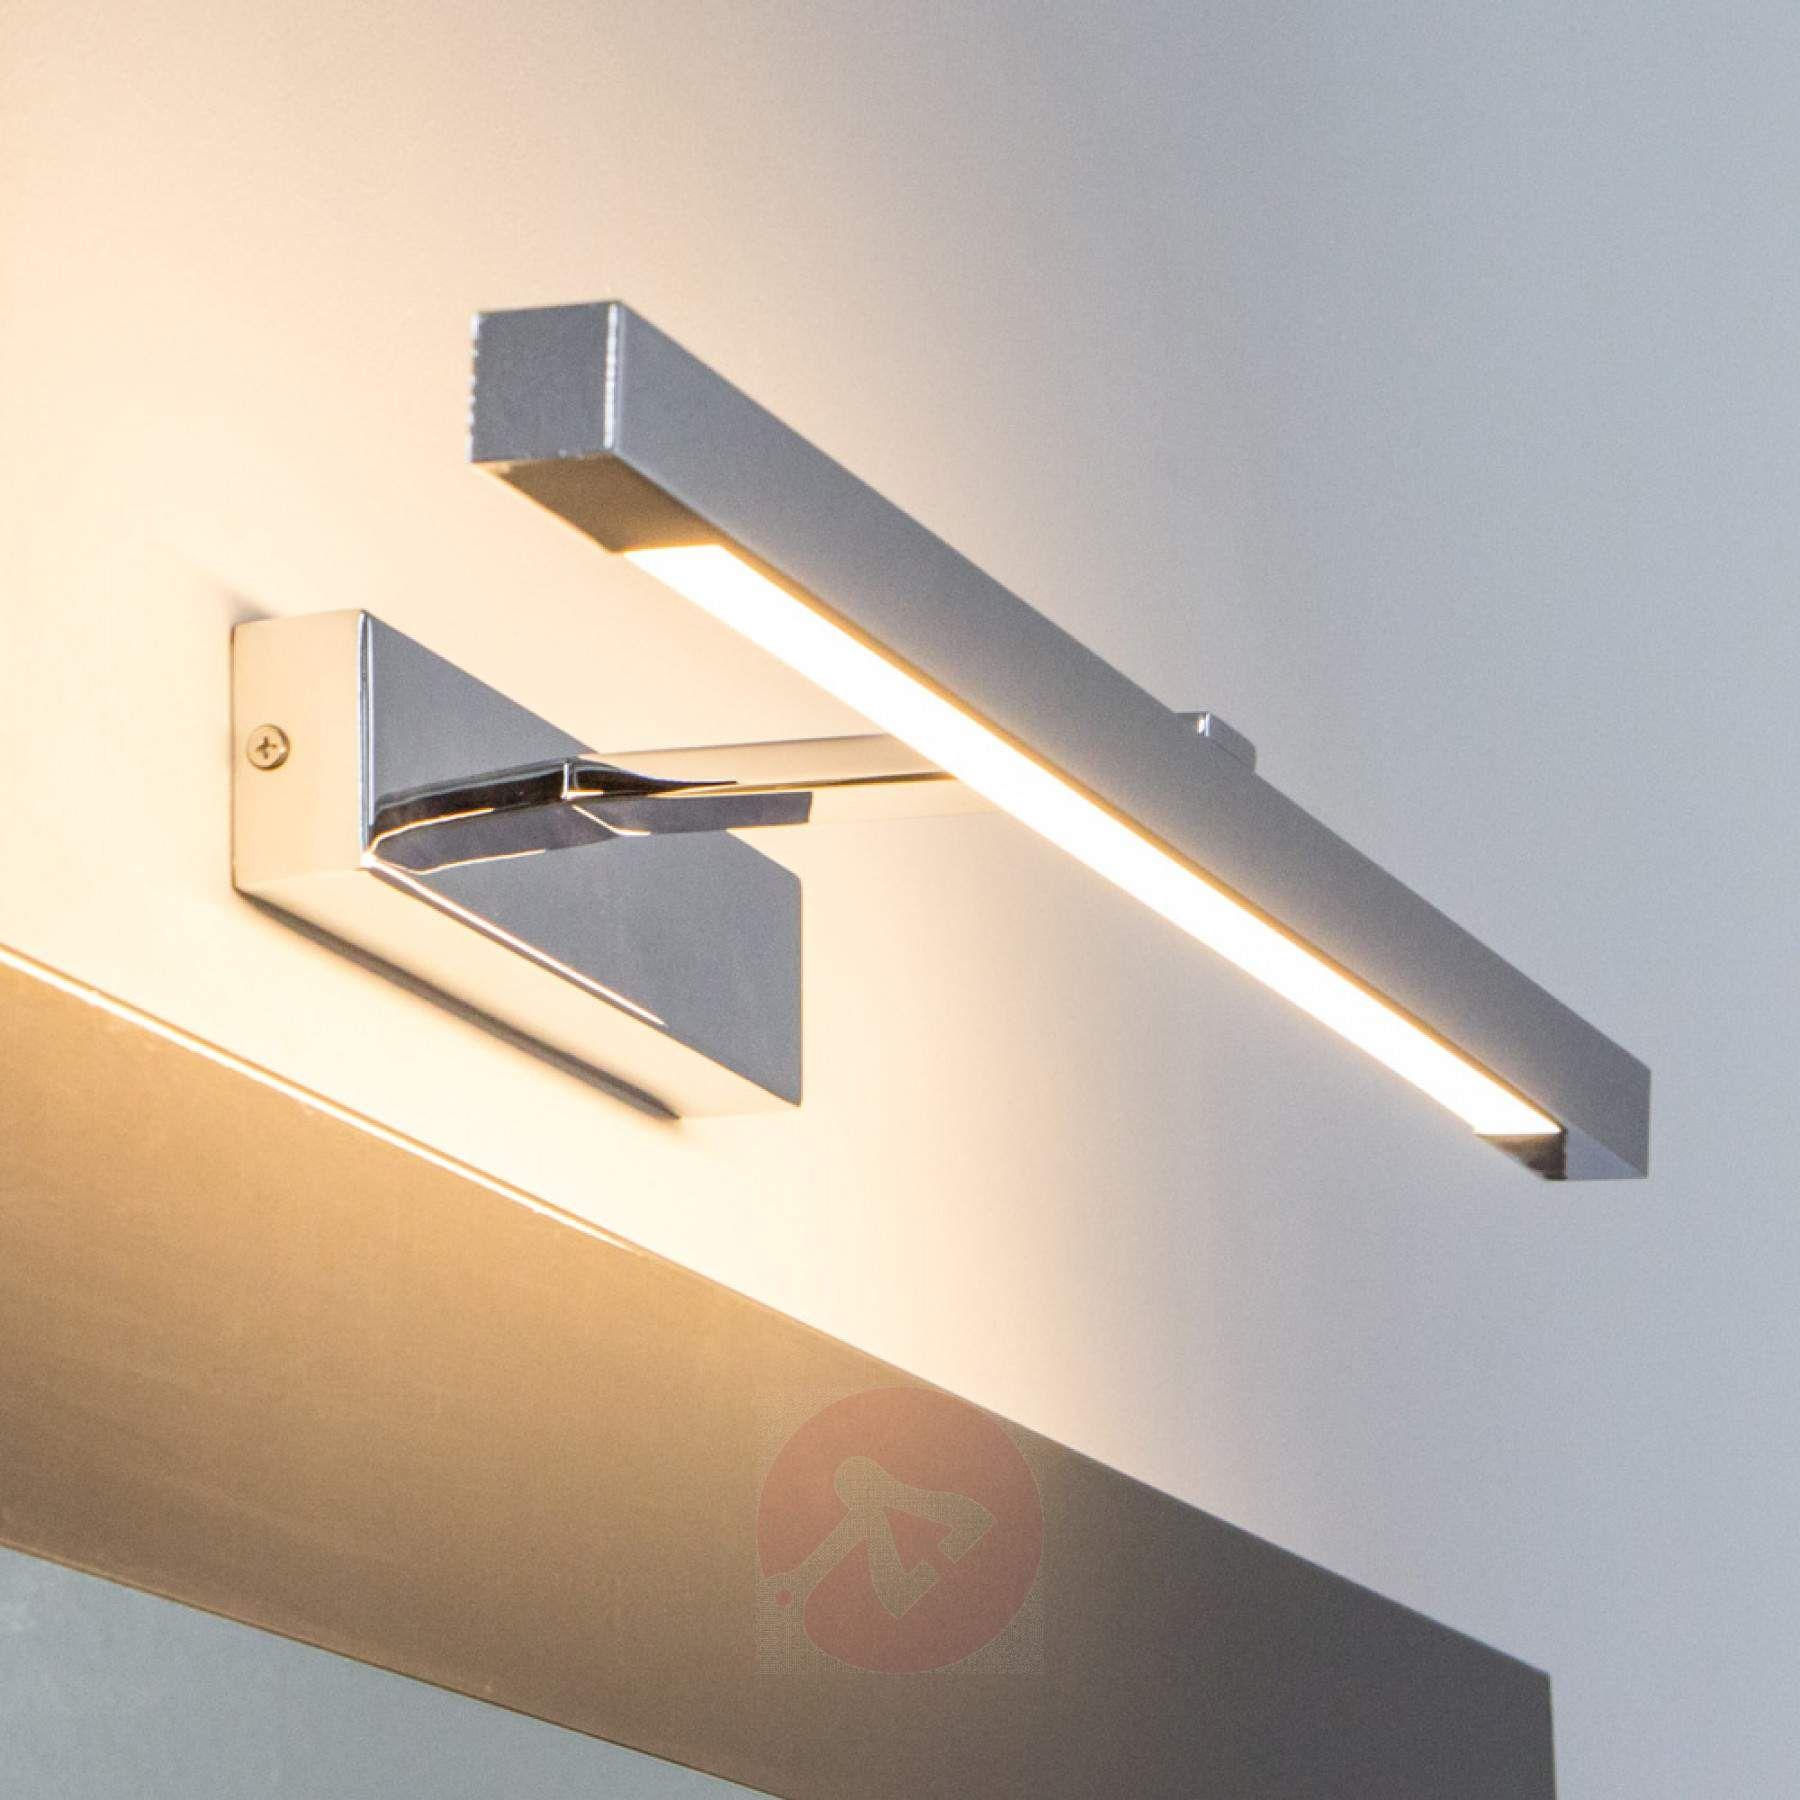 Modern Lievan Mirror Lamp With Leds In 2020 Badezimmerspiegel Beleuchtung Lampe Spiegellampe